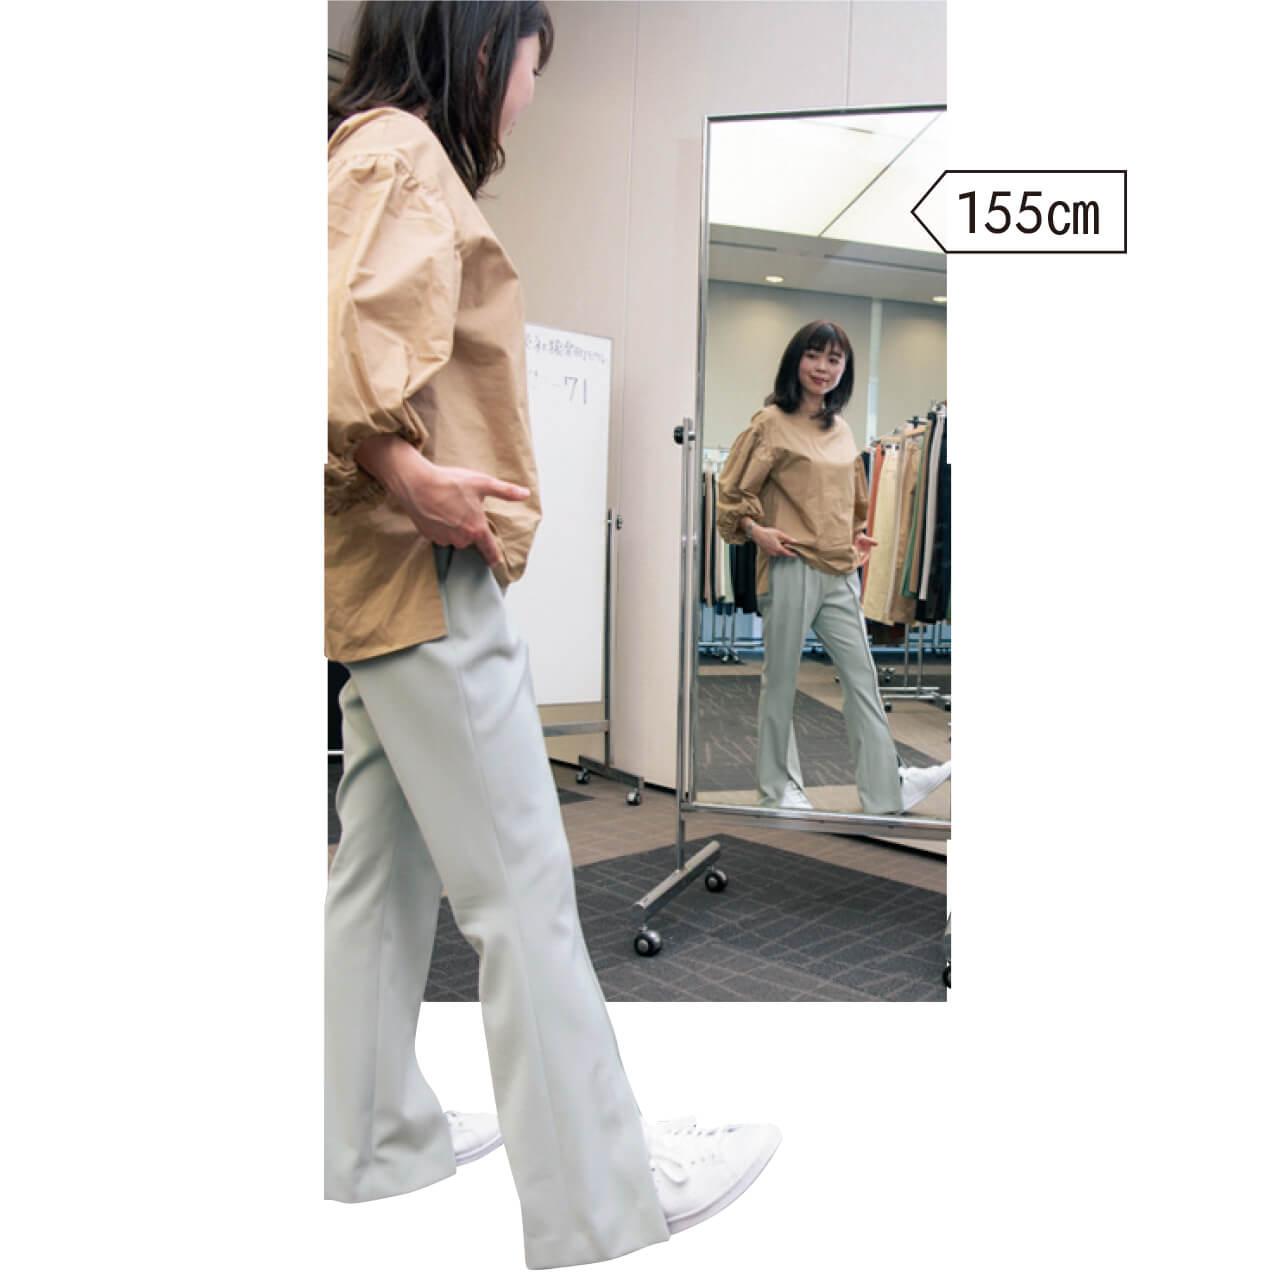 155cm LEEキャラクター瀧嶋さん